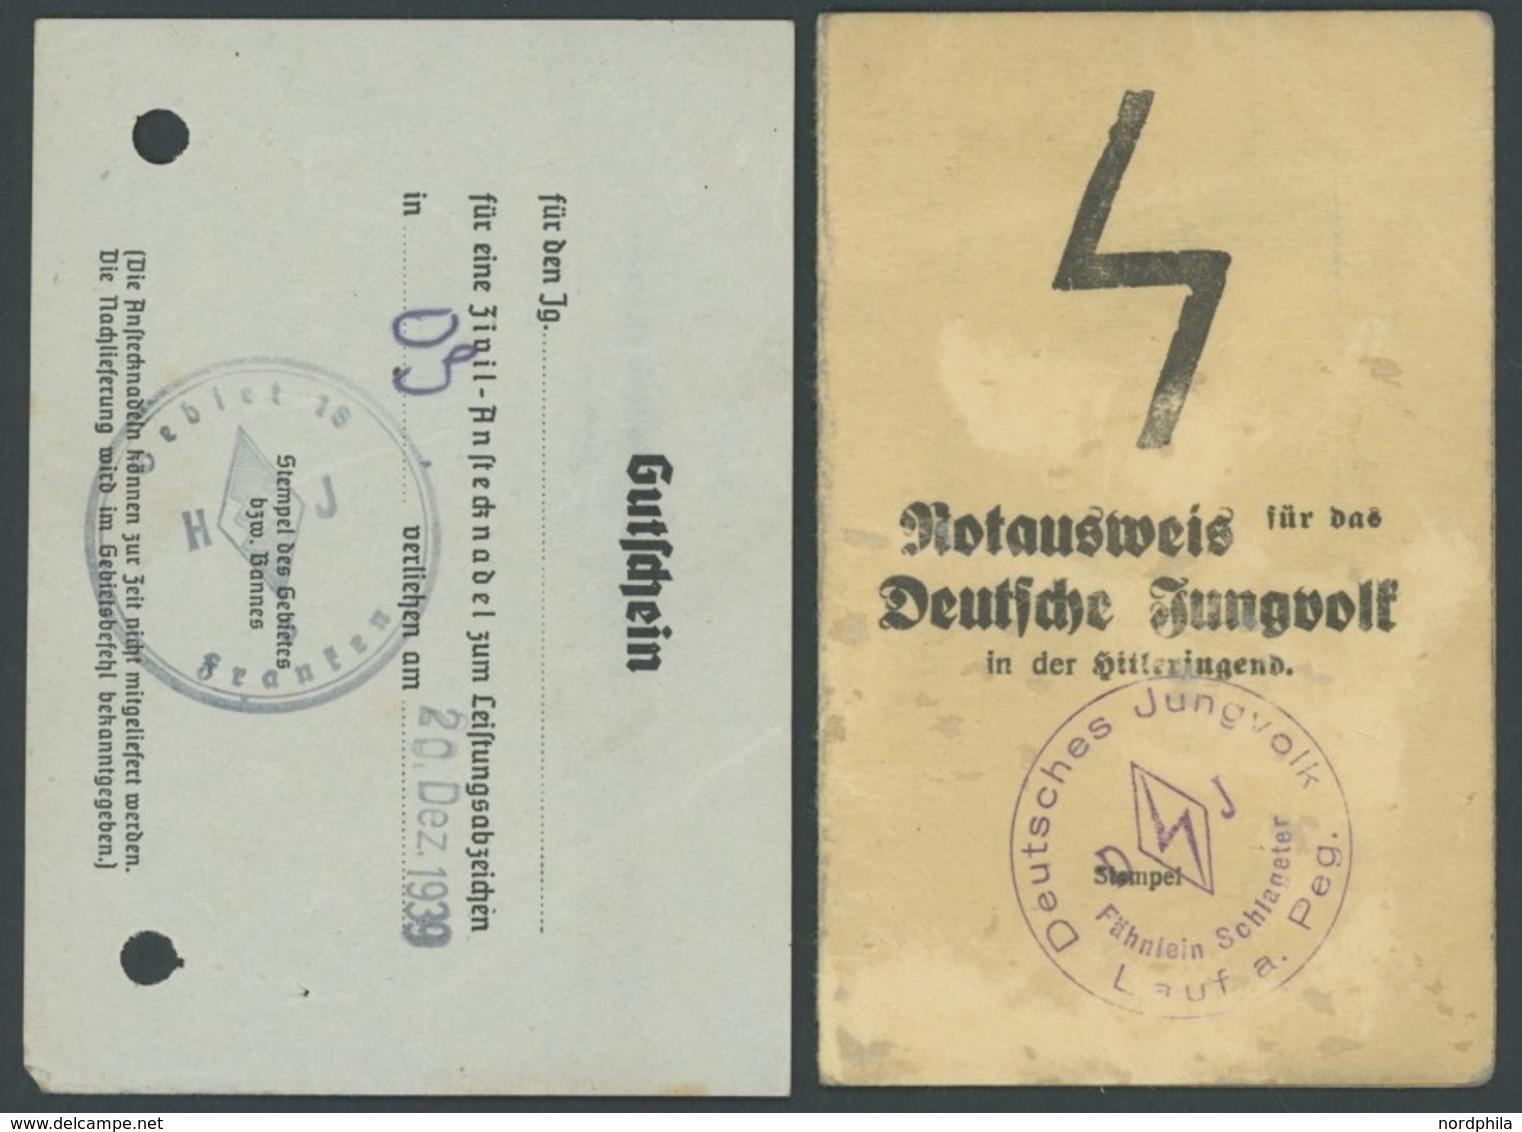 DT. GESCHICHTE/PROPAGANDA 1919-45 1939, Notausweis Für Das Deutsche Jungvolk In Der Hitlerjugend Sowie Gutschein Für Ein - Briefmarken